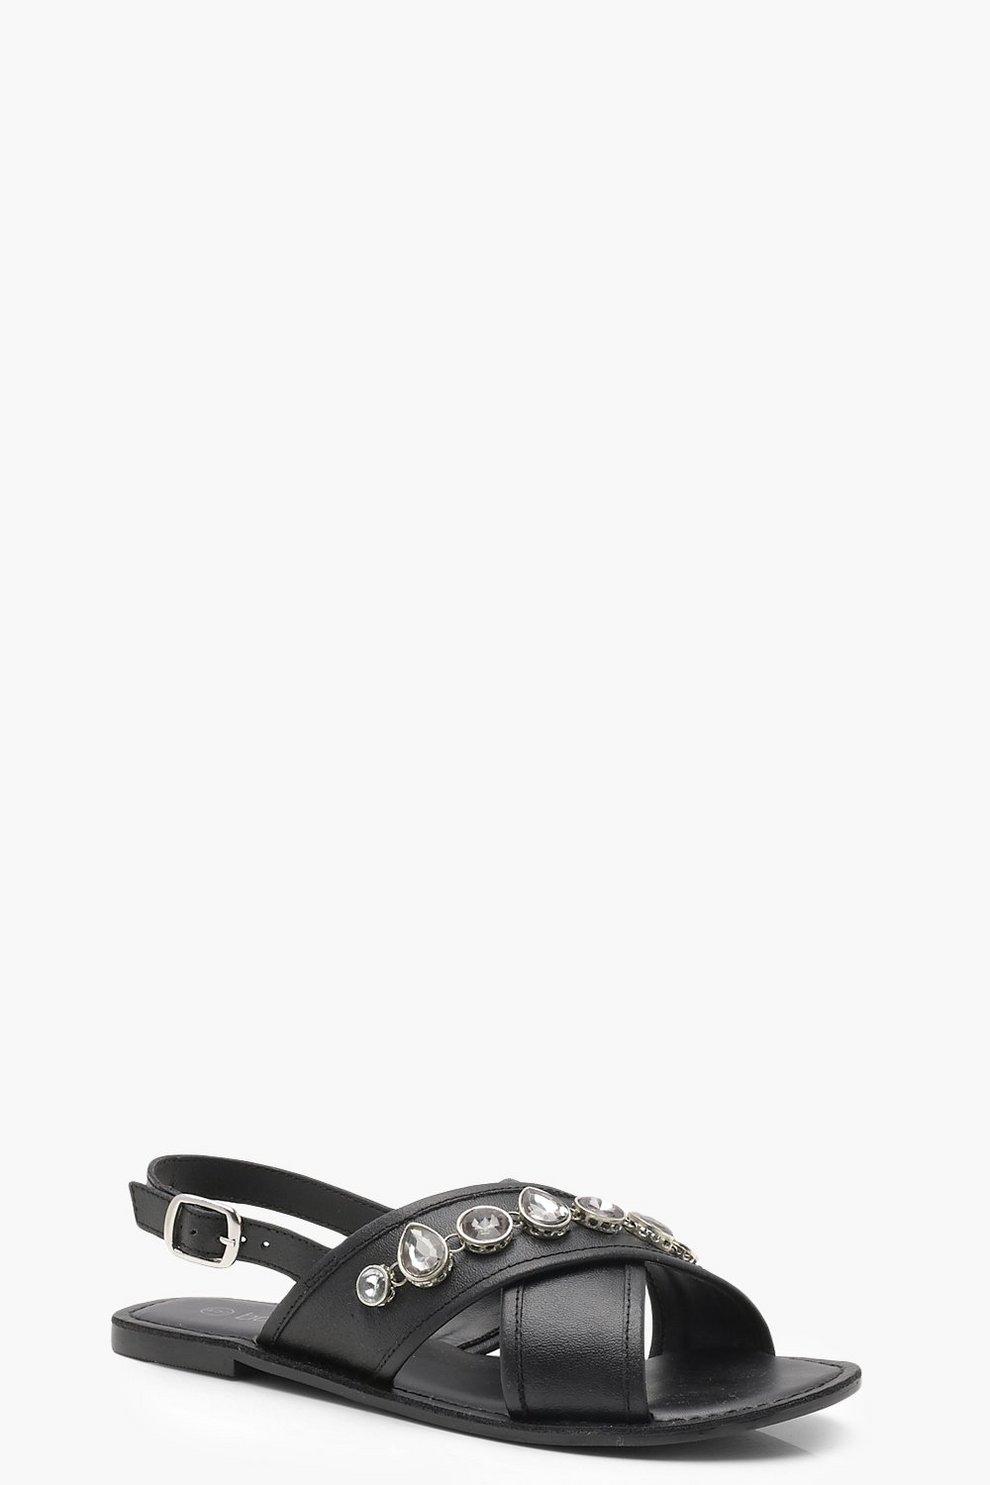 Lexi sandali in pelle impreziositi con cinghiette incrociate A La Venta El Más Barato pVksa